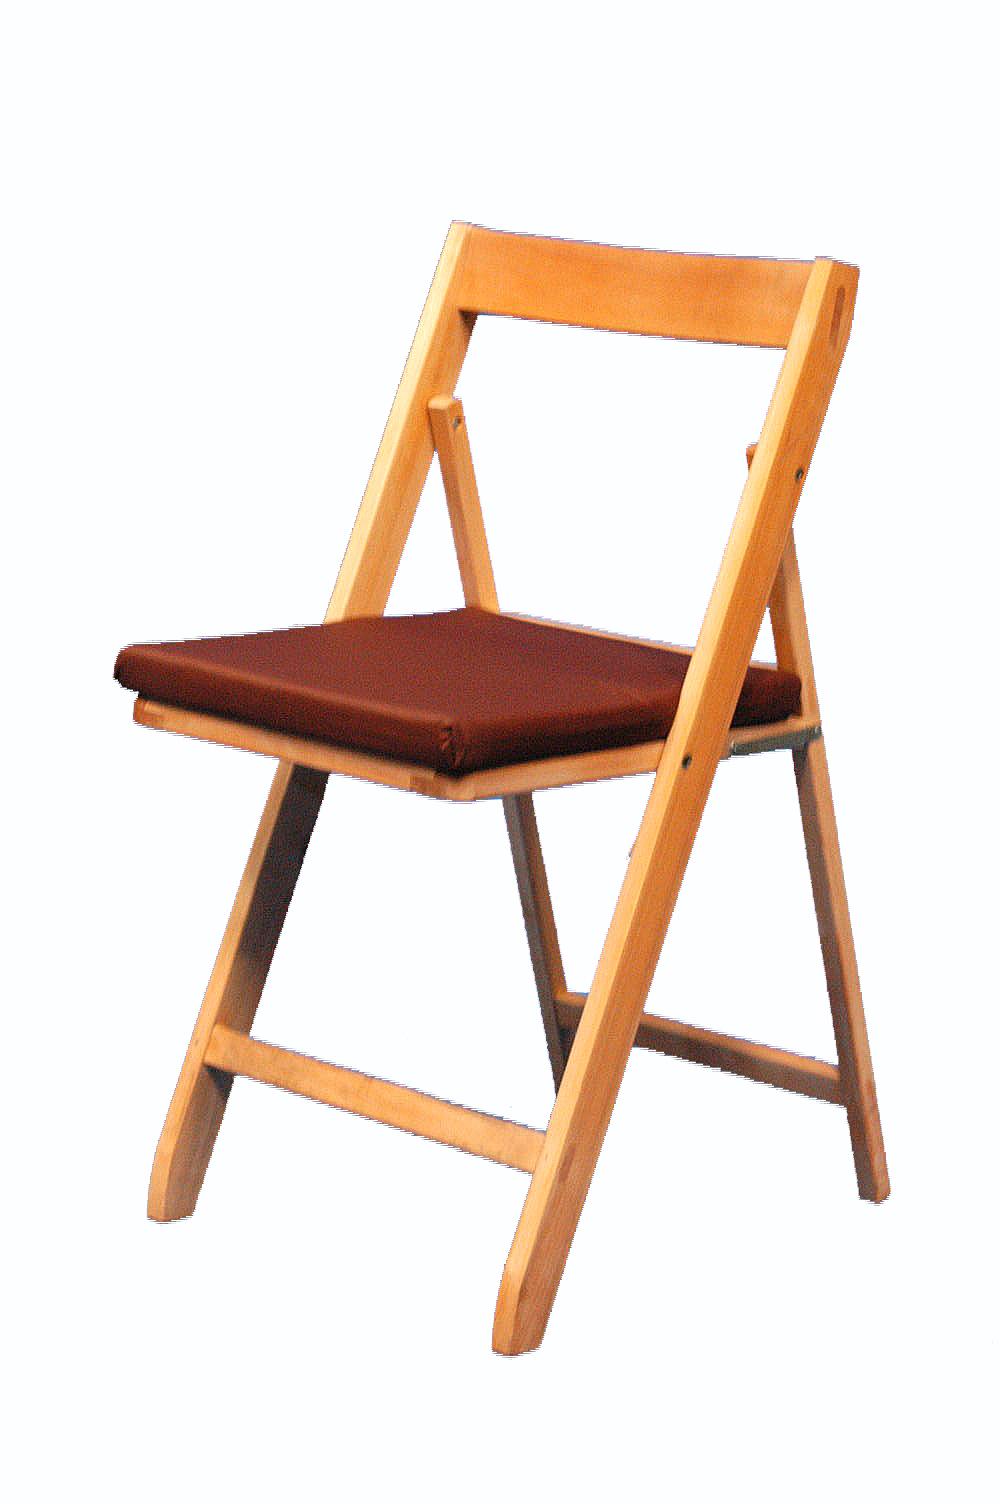 Alquiler de coj n marr n para silla plegable 36x36cm for Cojin para sillas